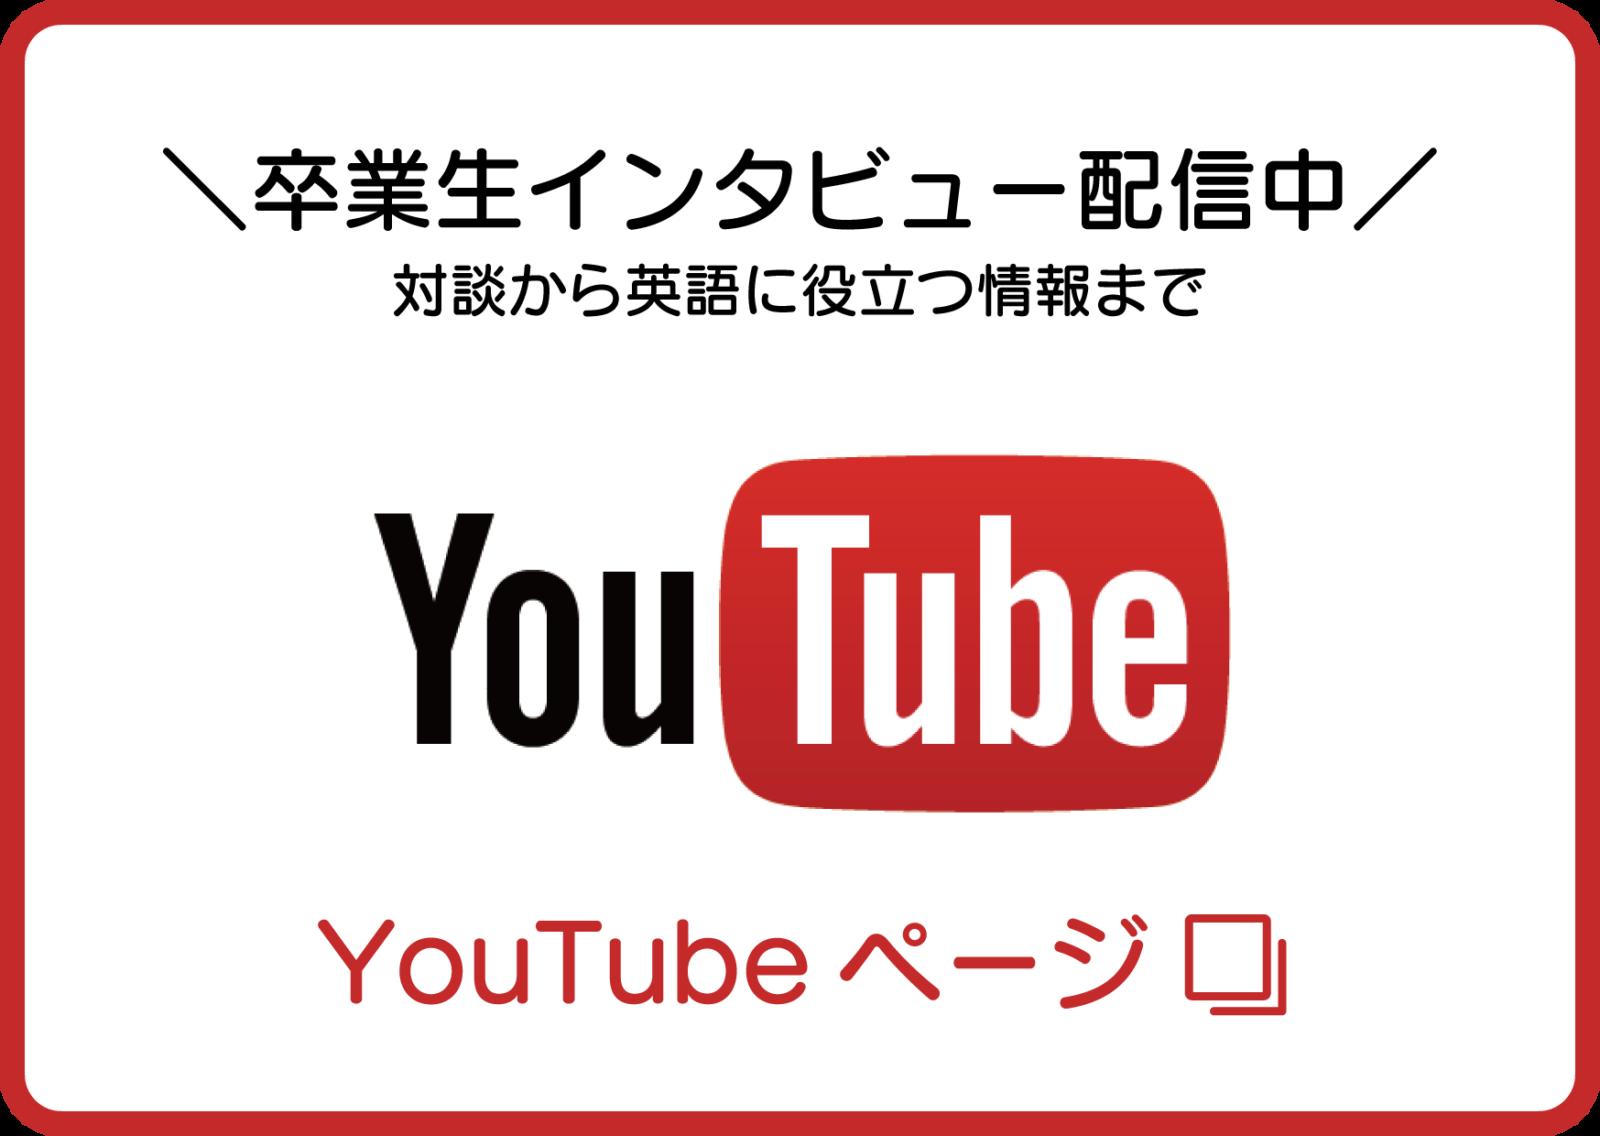 学習に役立つ情報お届け中!Youtube